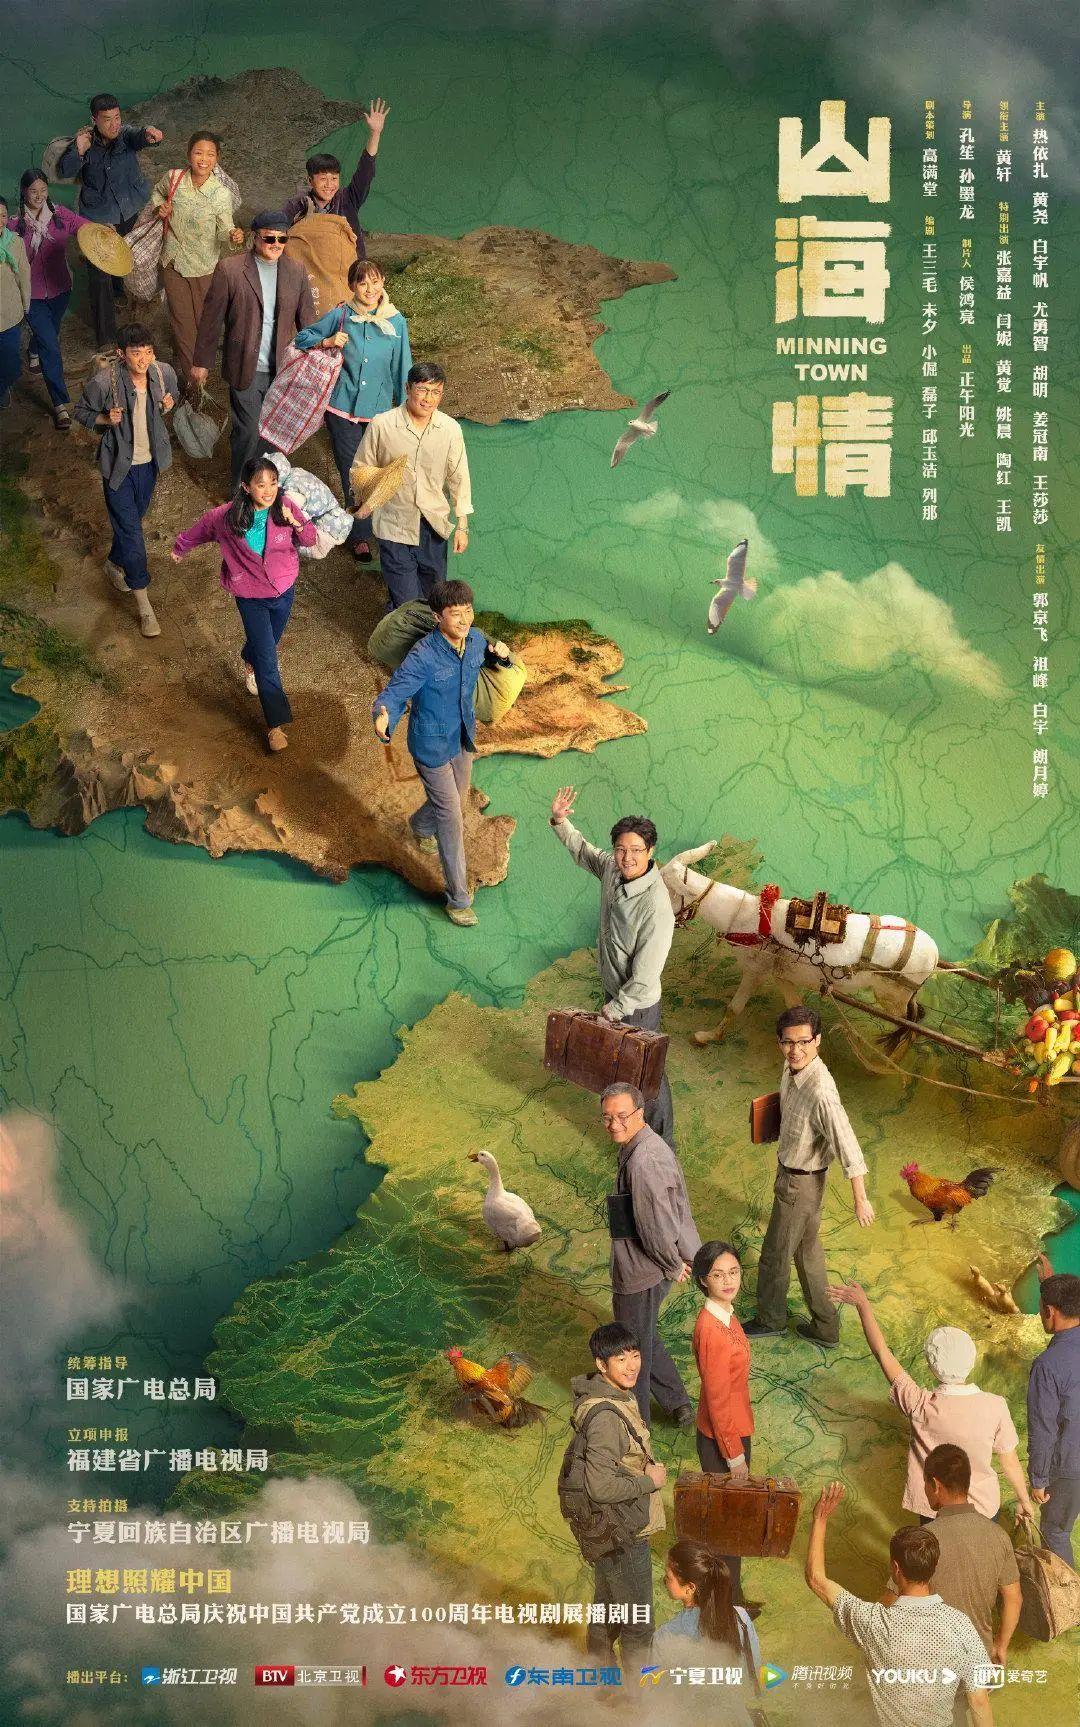 图1 《山海情》海报 来源:莆田晚报